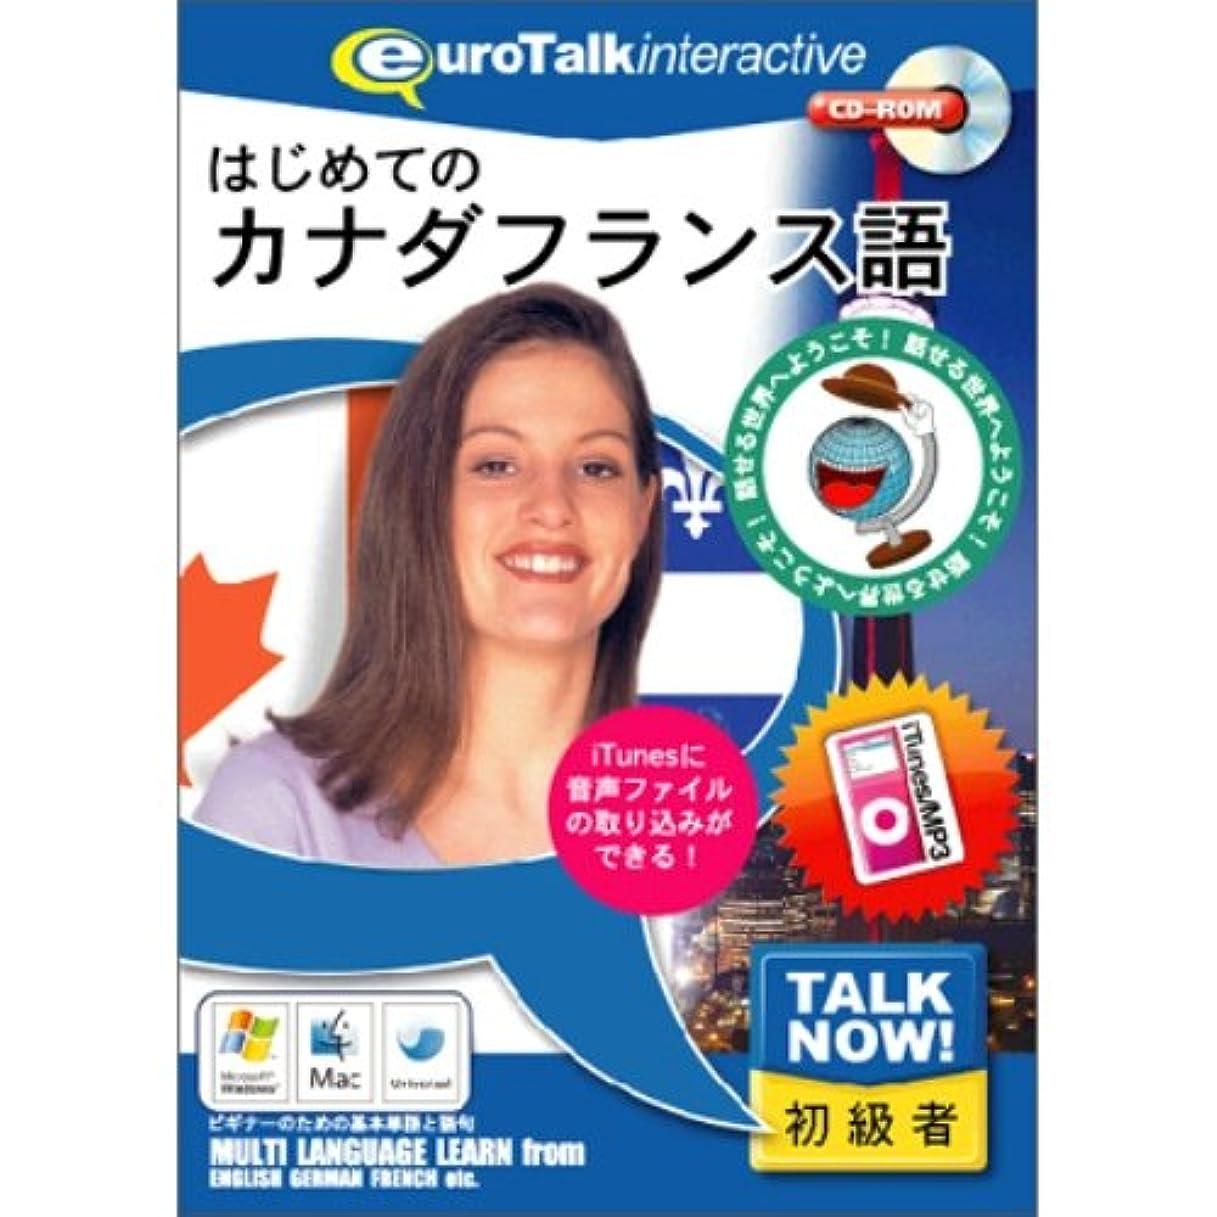 非アクティブ本質的に人工的なTalk Now! はじめてのカナダフランス語